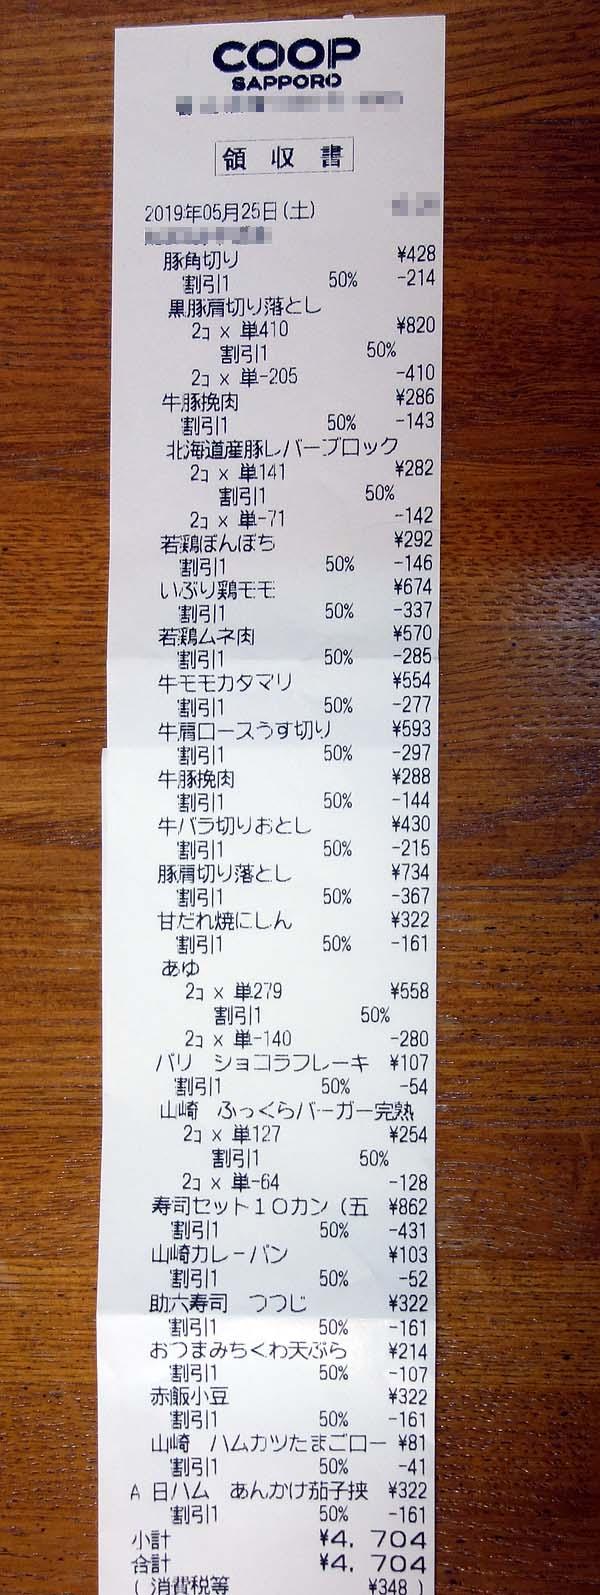 また1ヶ月再び2人月3万円食費生活を達成できているか検証します♪5月25日のスーパー買い物